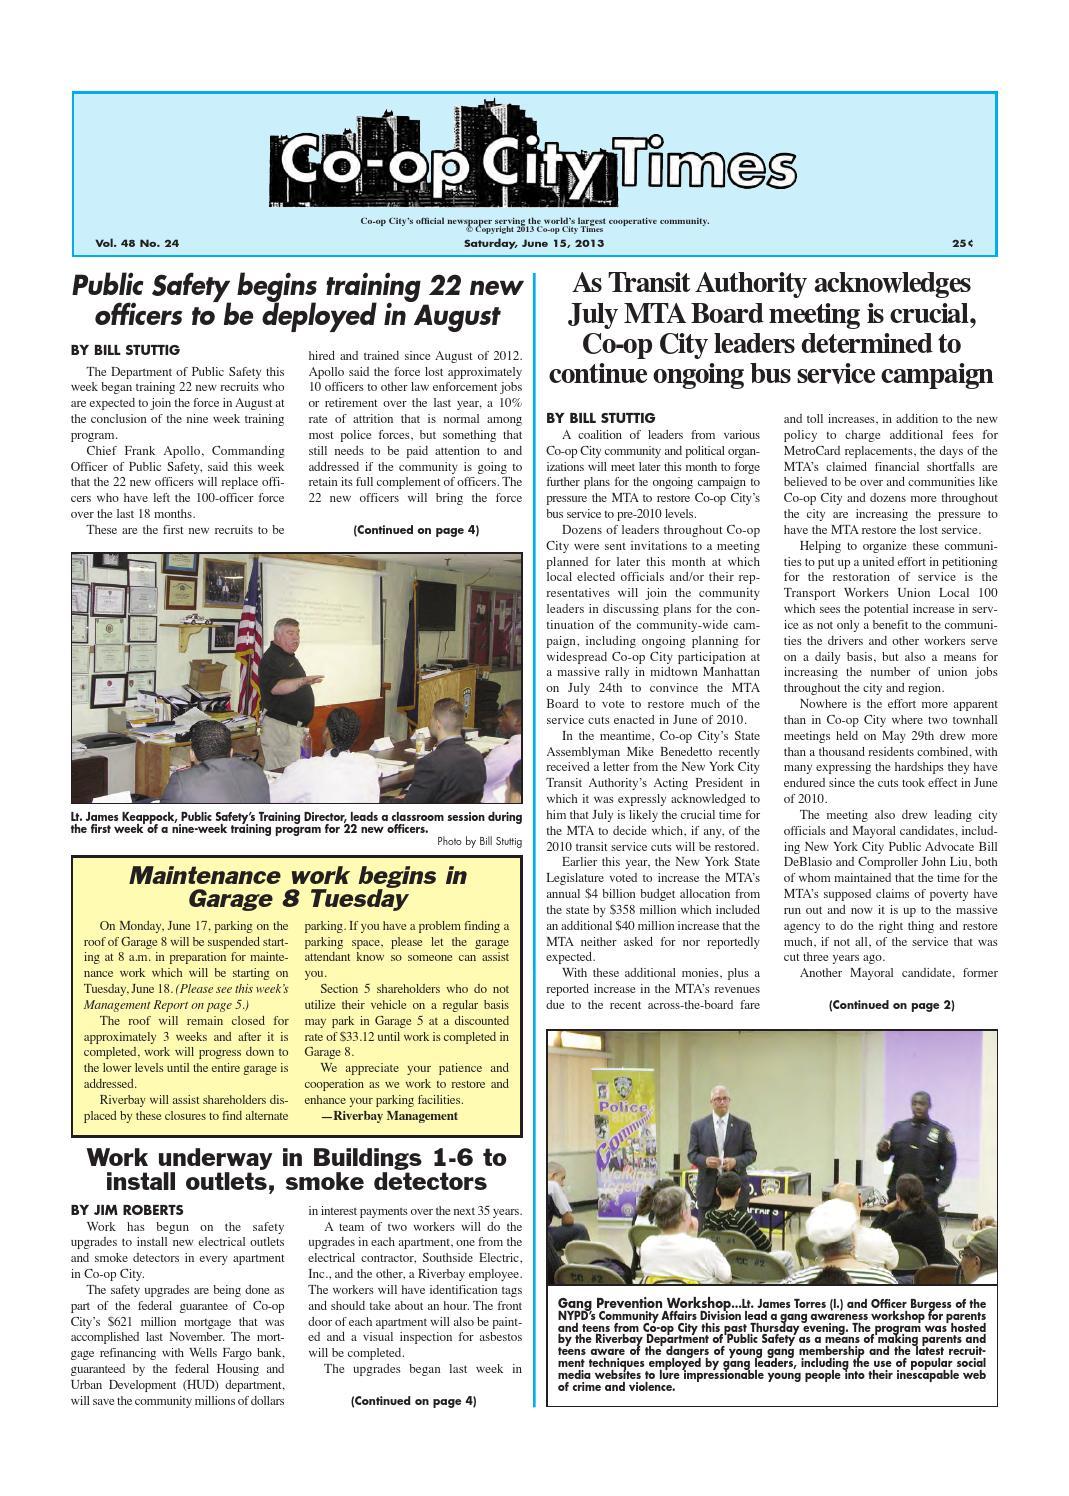 Co-op City Times 06/15/13